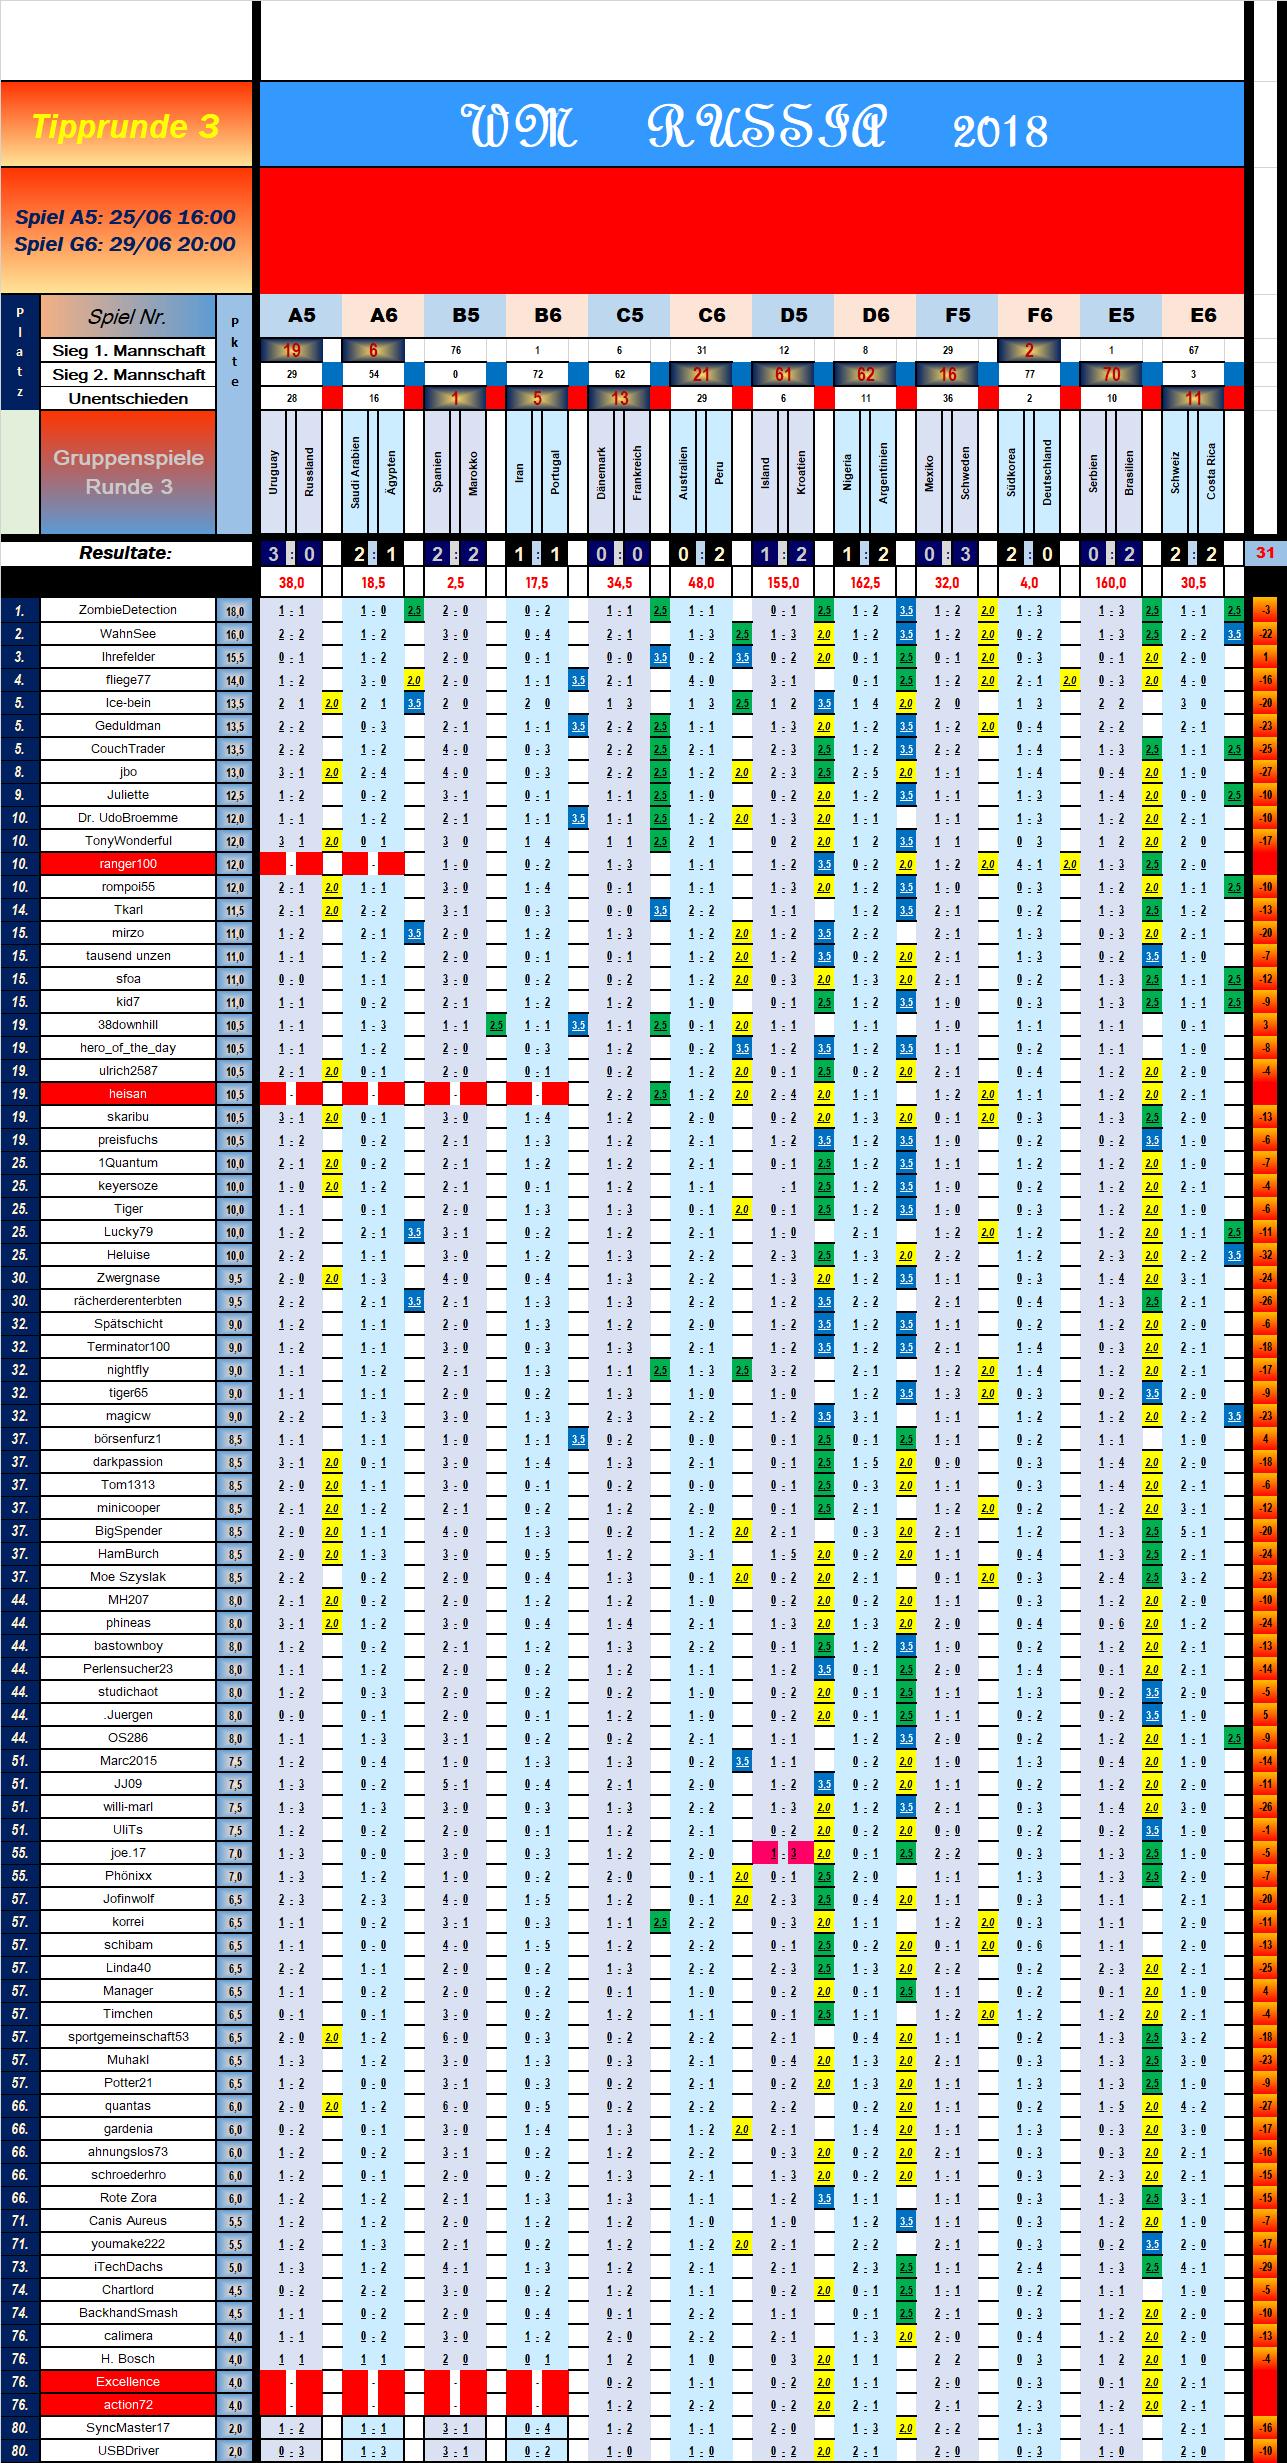 tabelle_vorrunde_3_spiel_12.png